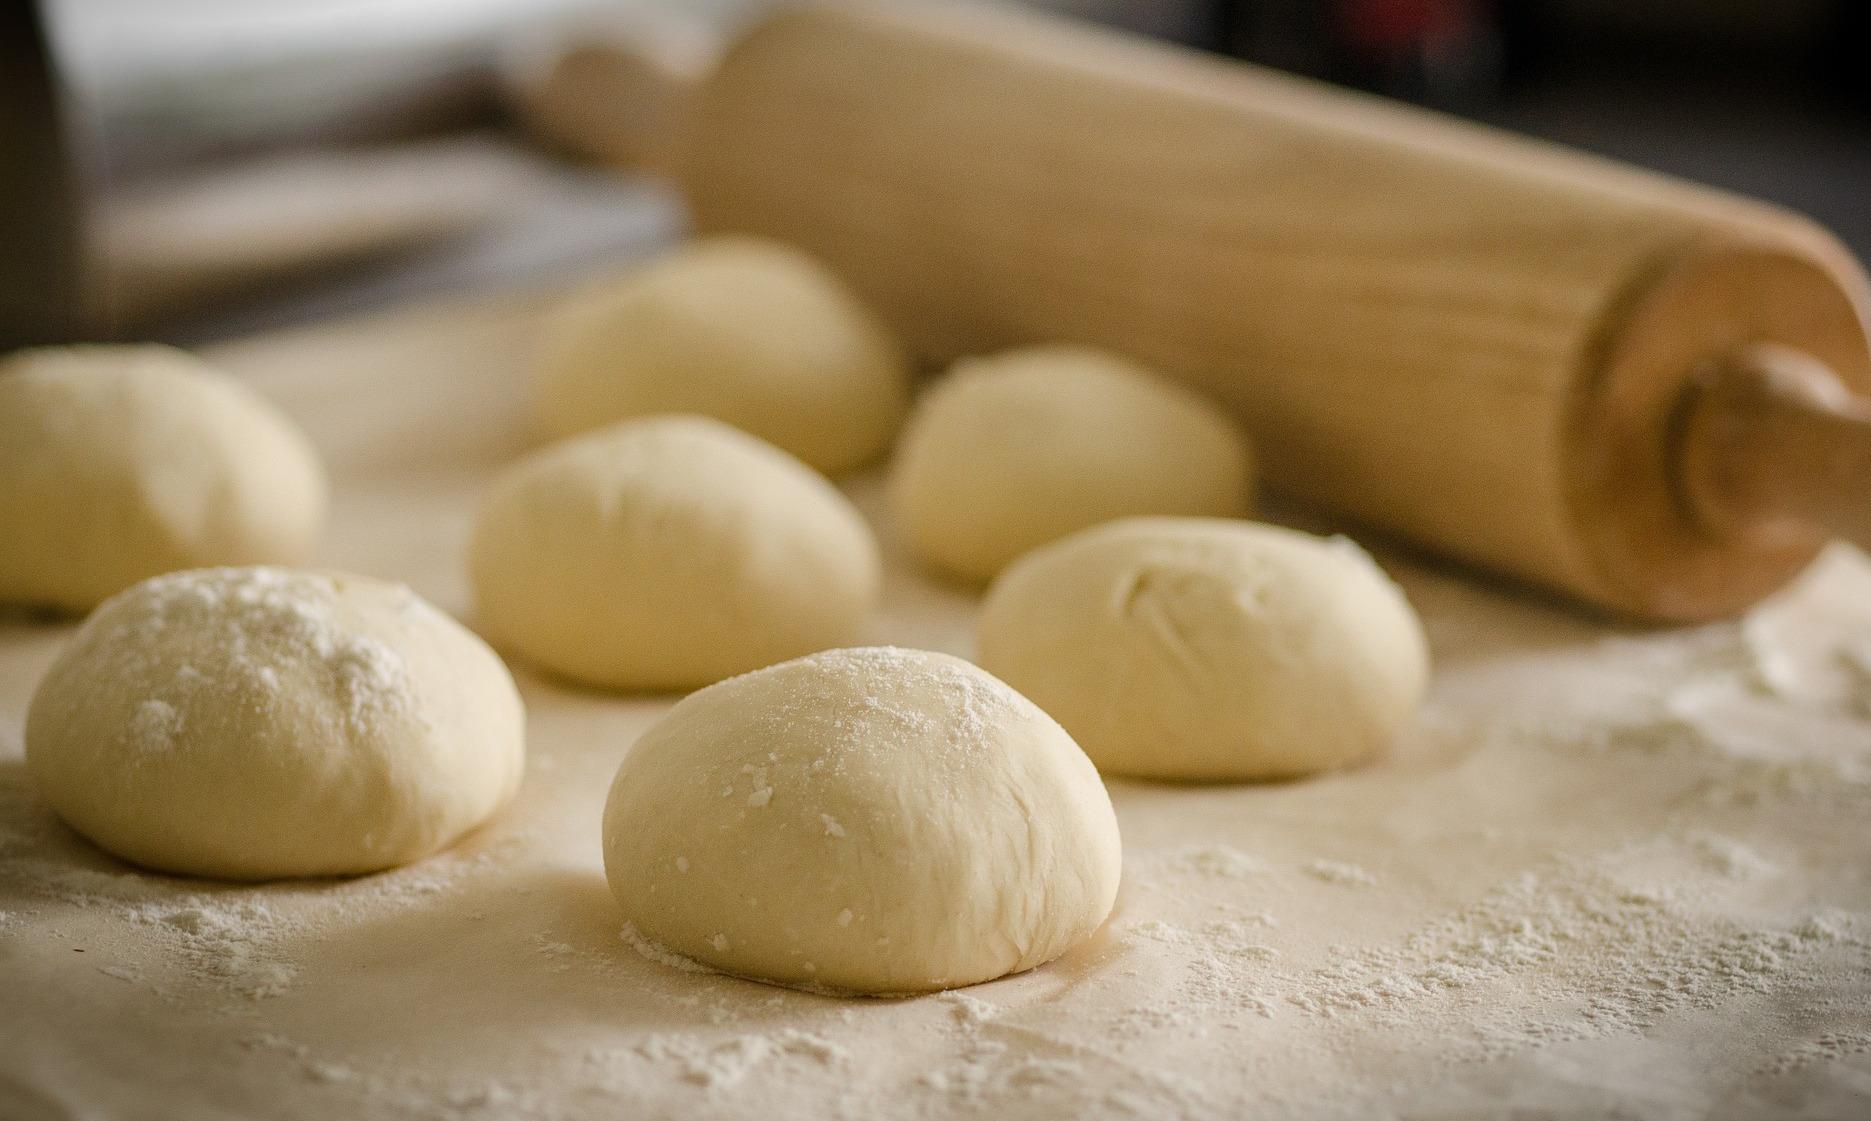 「麵團的攪拌有什麼技巧?」新手做麵包之前,一定要知道的麵團基本知識!